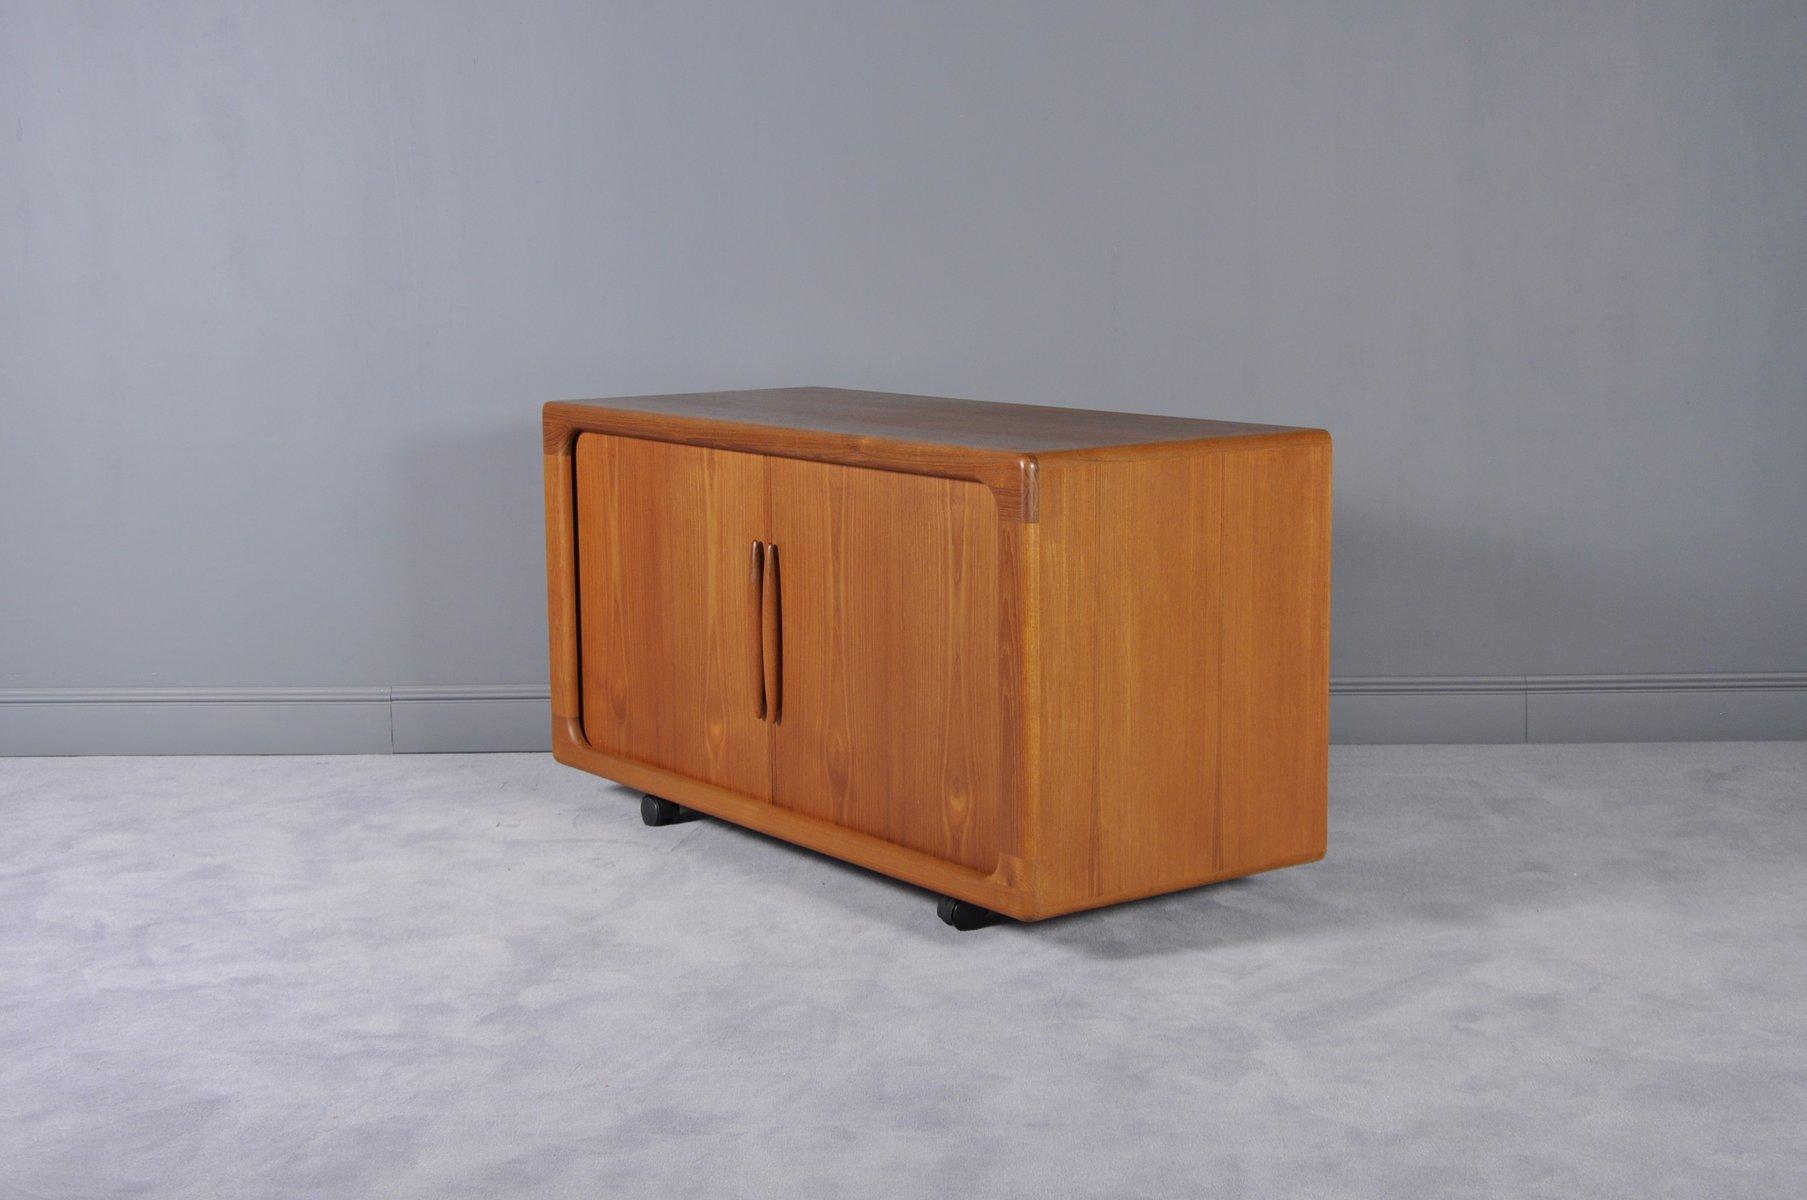 sideboard mit schiebet ren von dyrlund 1960er bei pamono. Black Bedroom Furniture Sets. Home Design Ideas